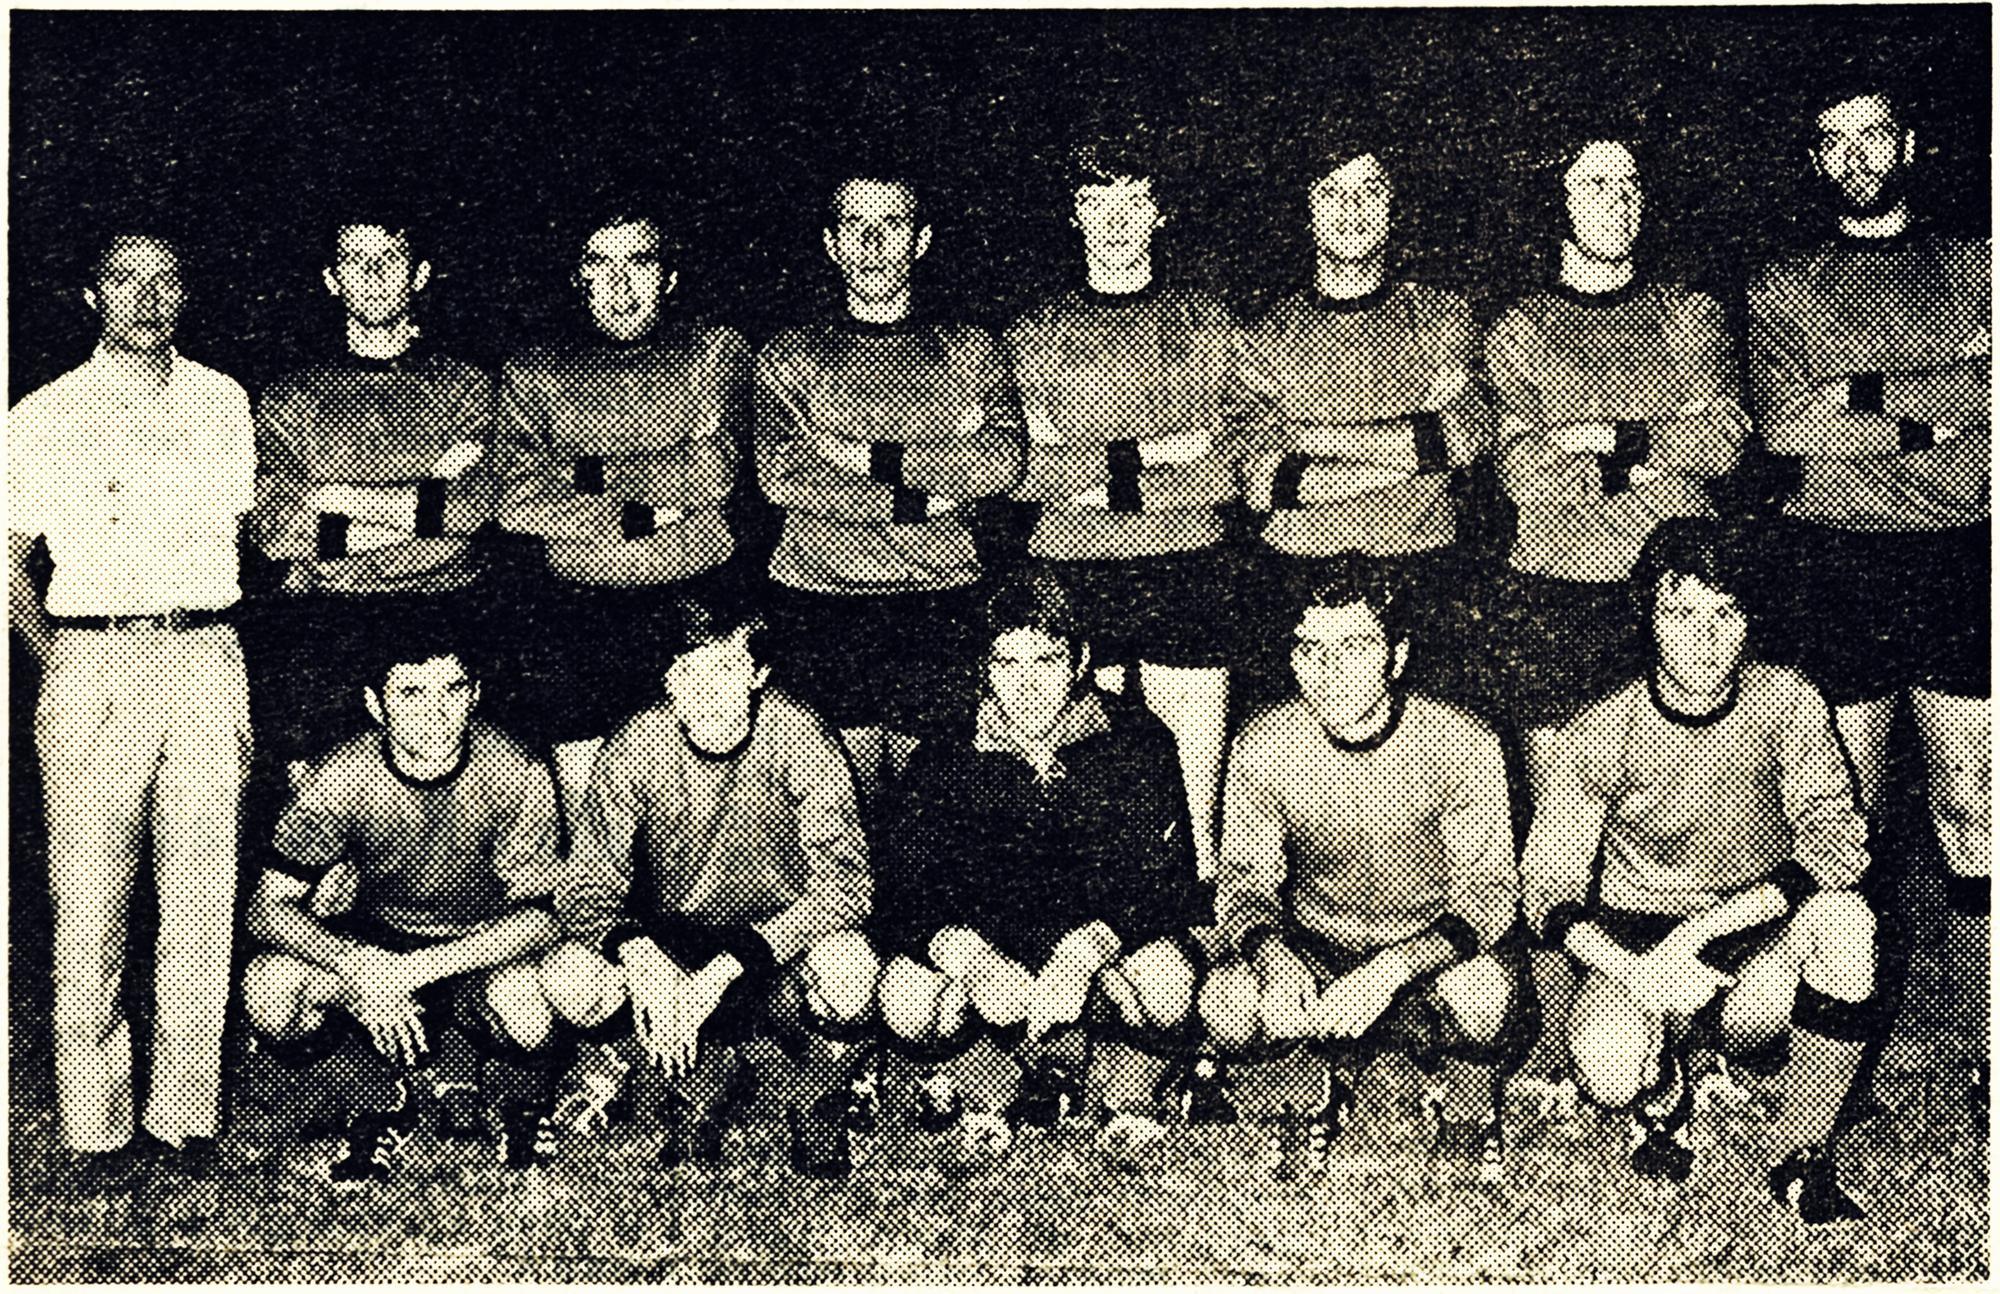 1971/72, la formazione del Galileo Battaglia che si appresta a iniziare il nuovo campionato.